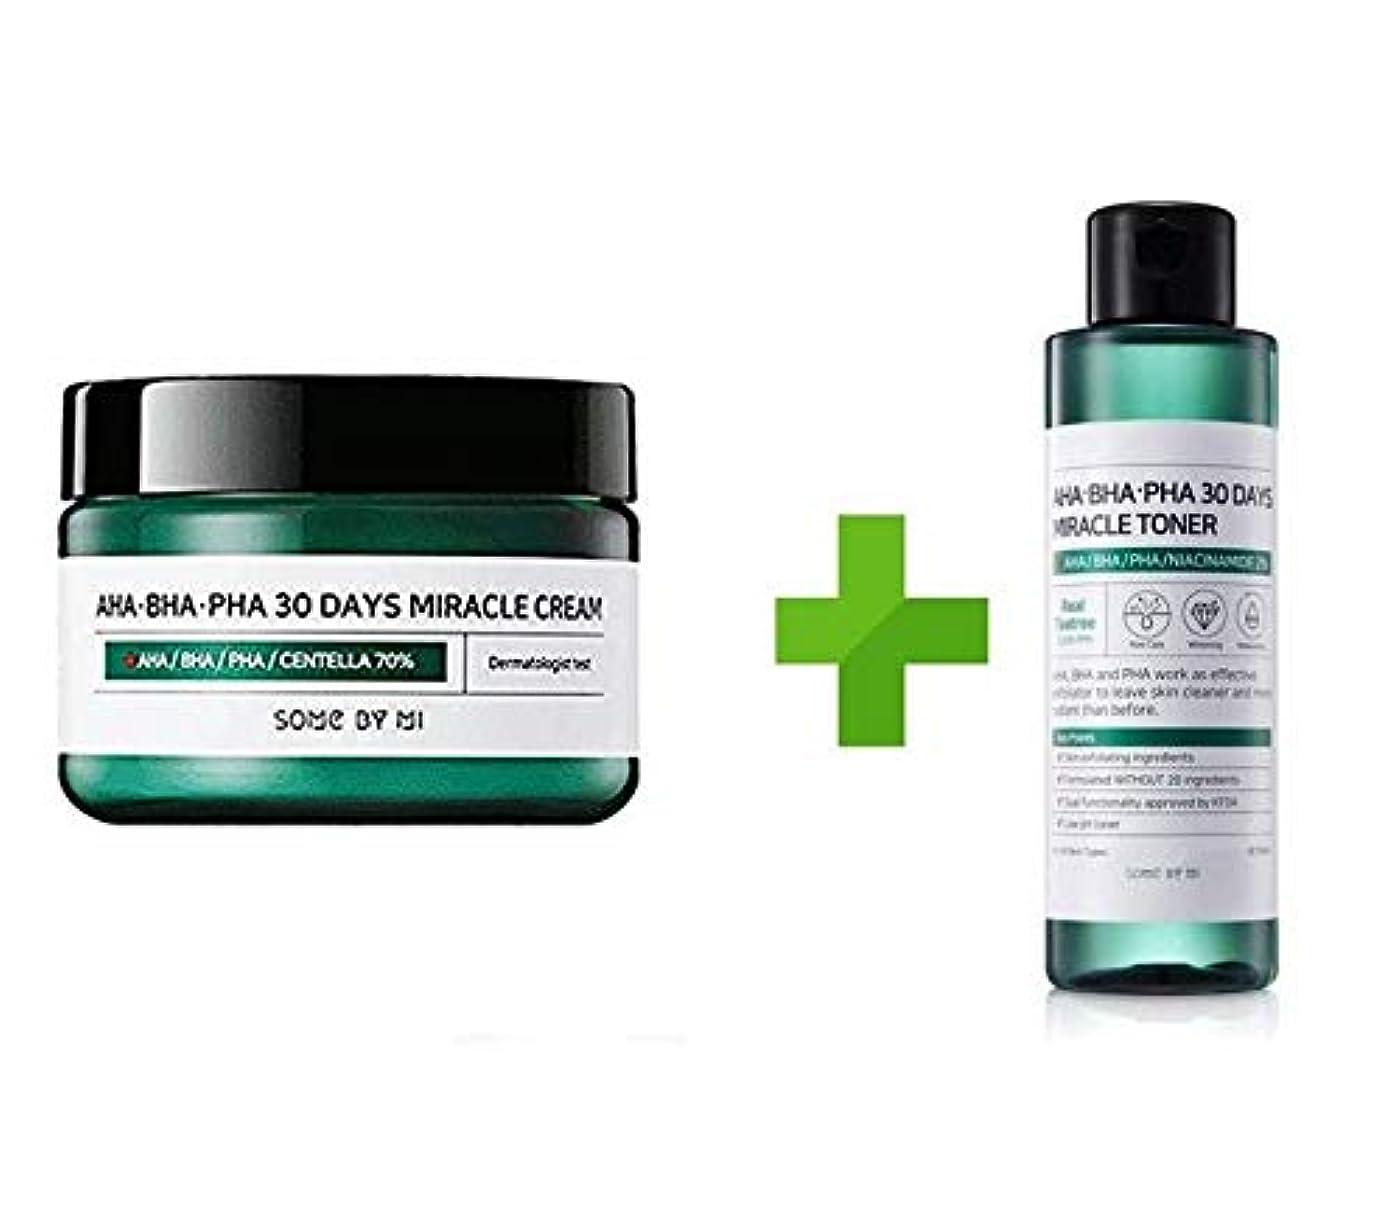 同僚神秘霧深いSomebymi AHA BHA PHA Miracle Cream (50ml + Toner 150ml)Skin Barrier & Recovery, Soothing with Tea Tree 10,000ppm...